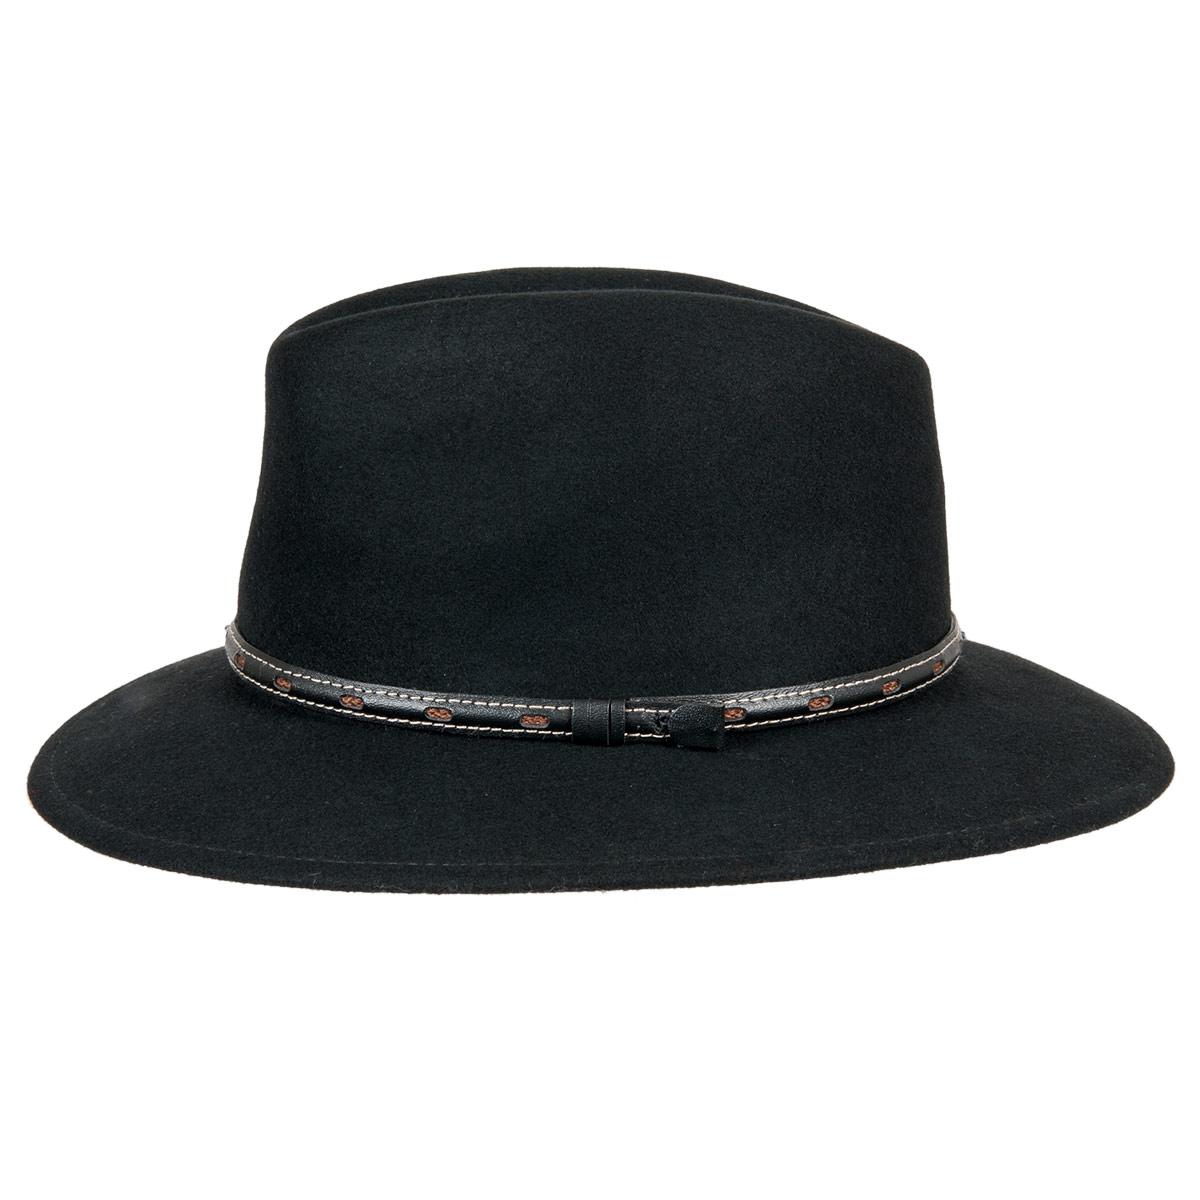 cappello in feltro di lana con tesa larga firmata HUTTER 55a6e6a10d9b